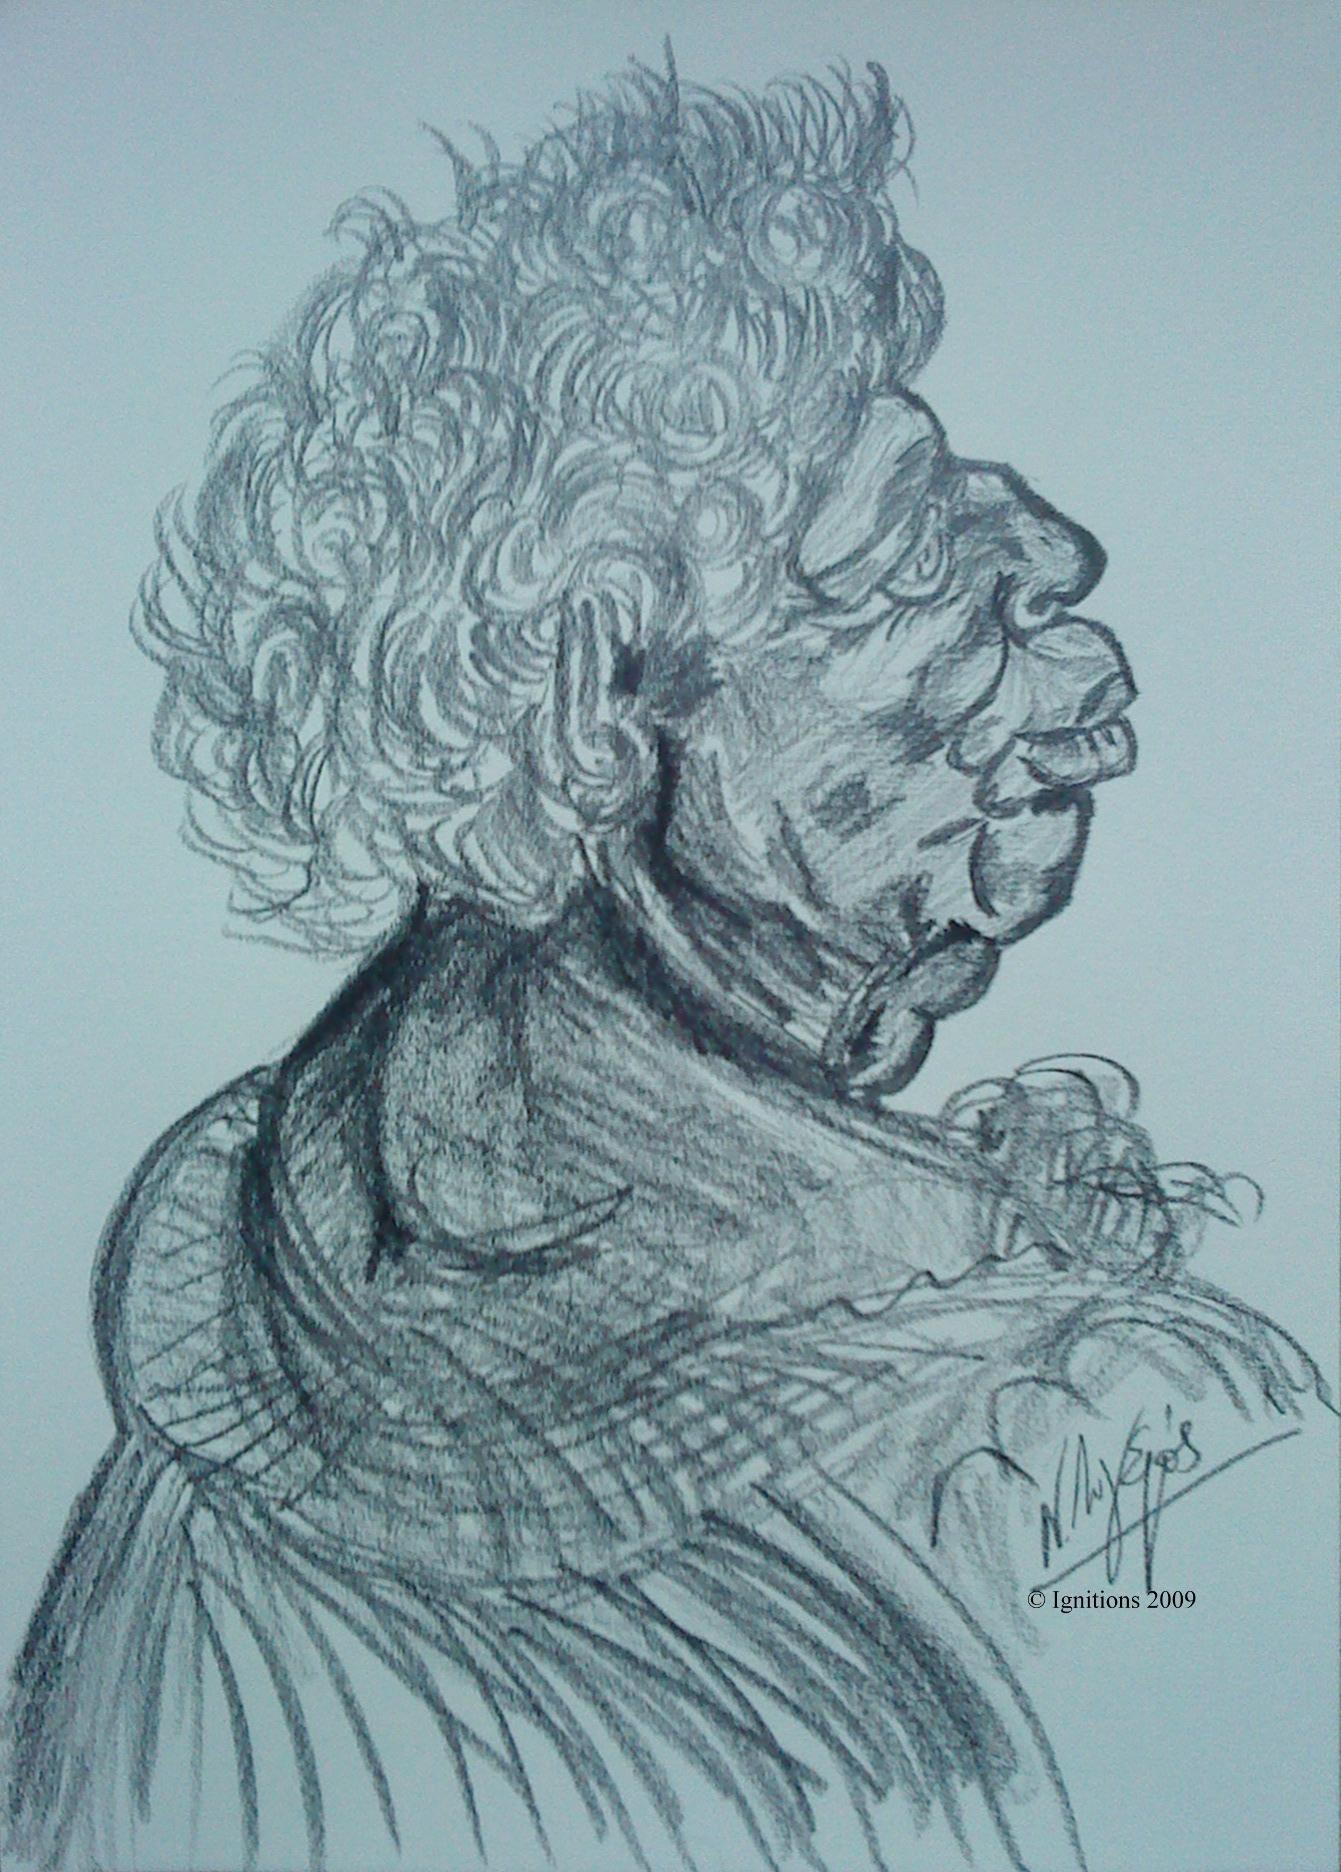 Etude d'un portrait d'homme grotesque de Leonardo da Vinci.